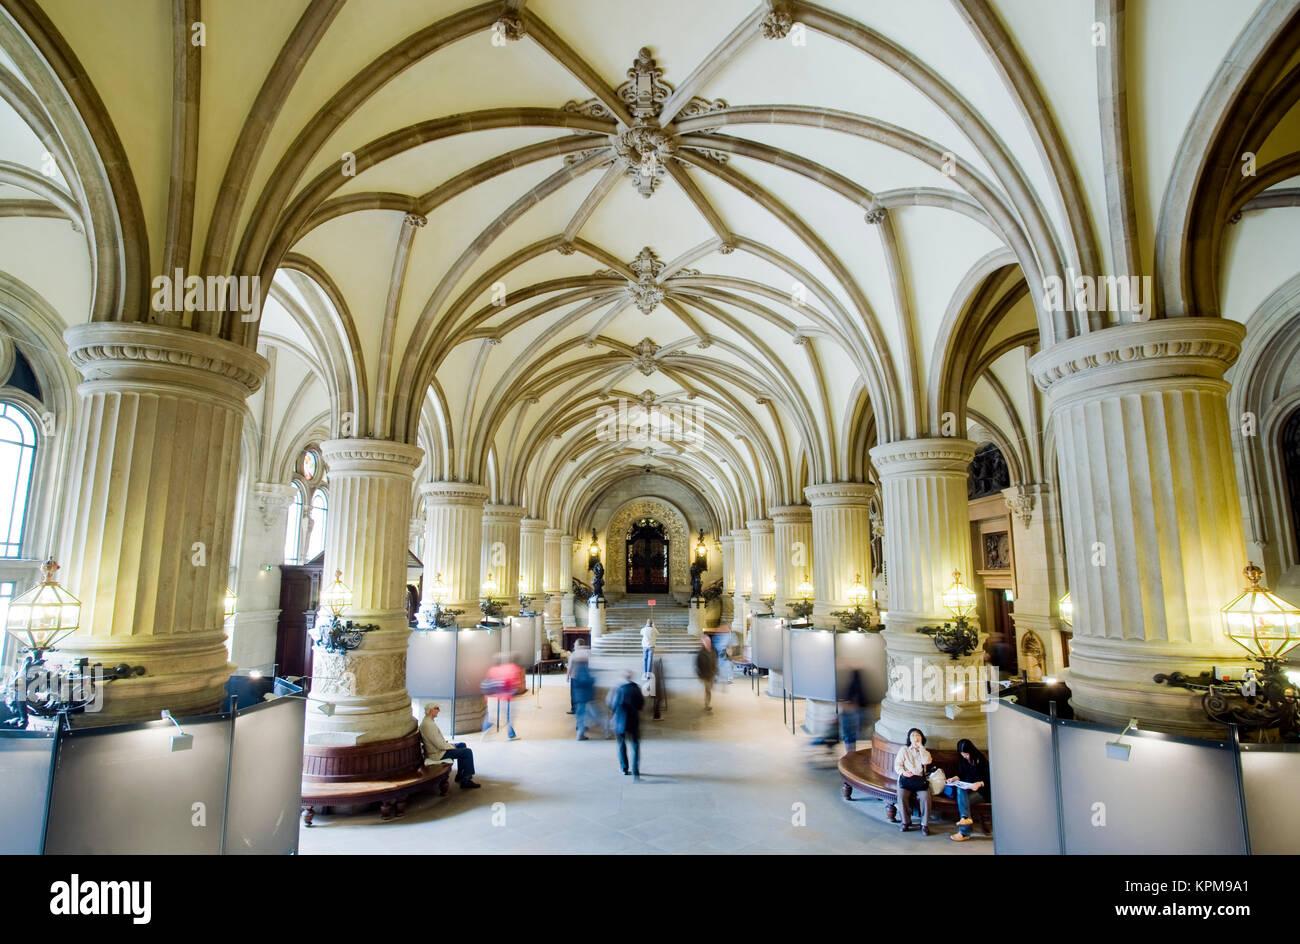 Hamburg, eine der schönsten und beliebtesten Reiseziele der Welt. Das Hamburger Rathaus ist der Sitz des Parlaments Stockbild